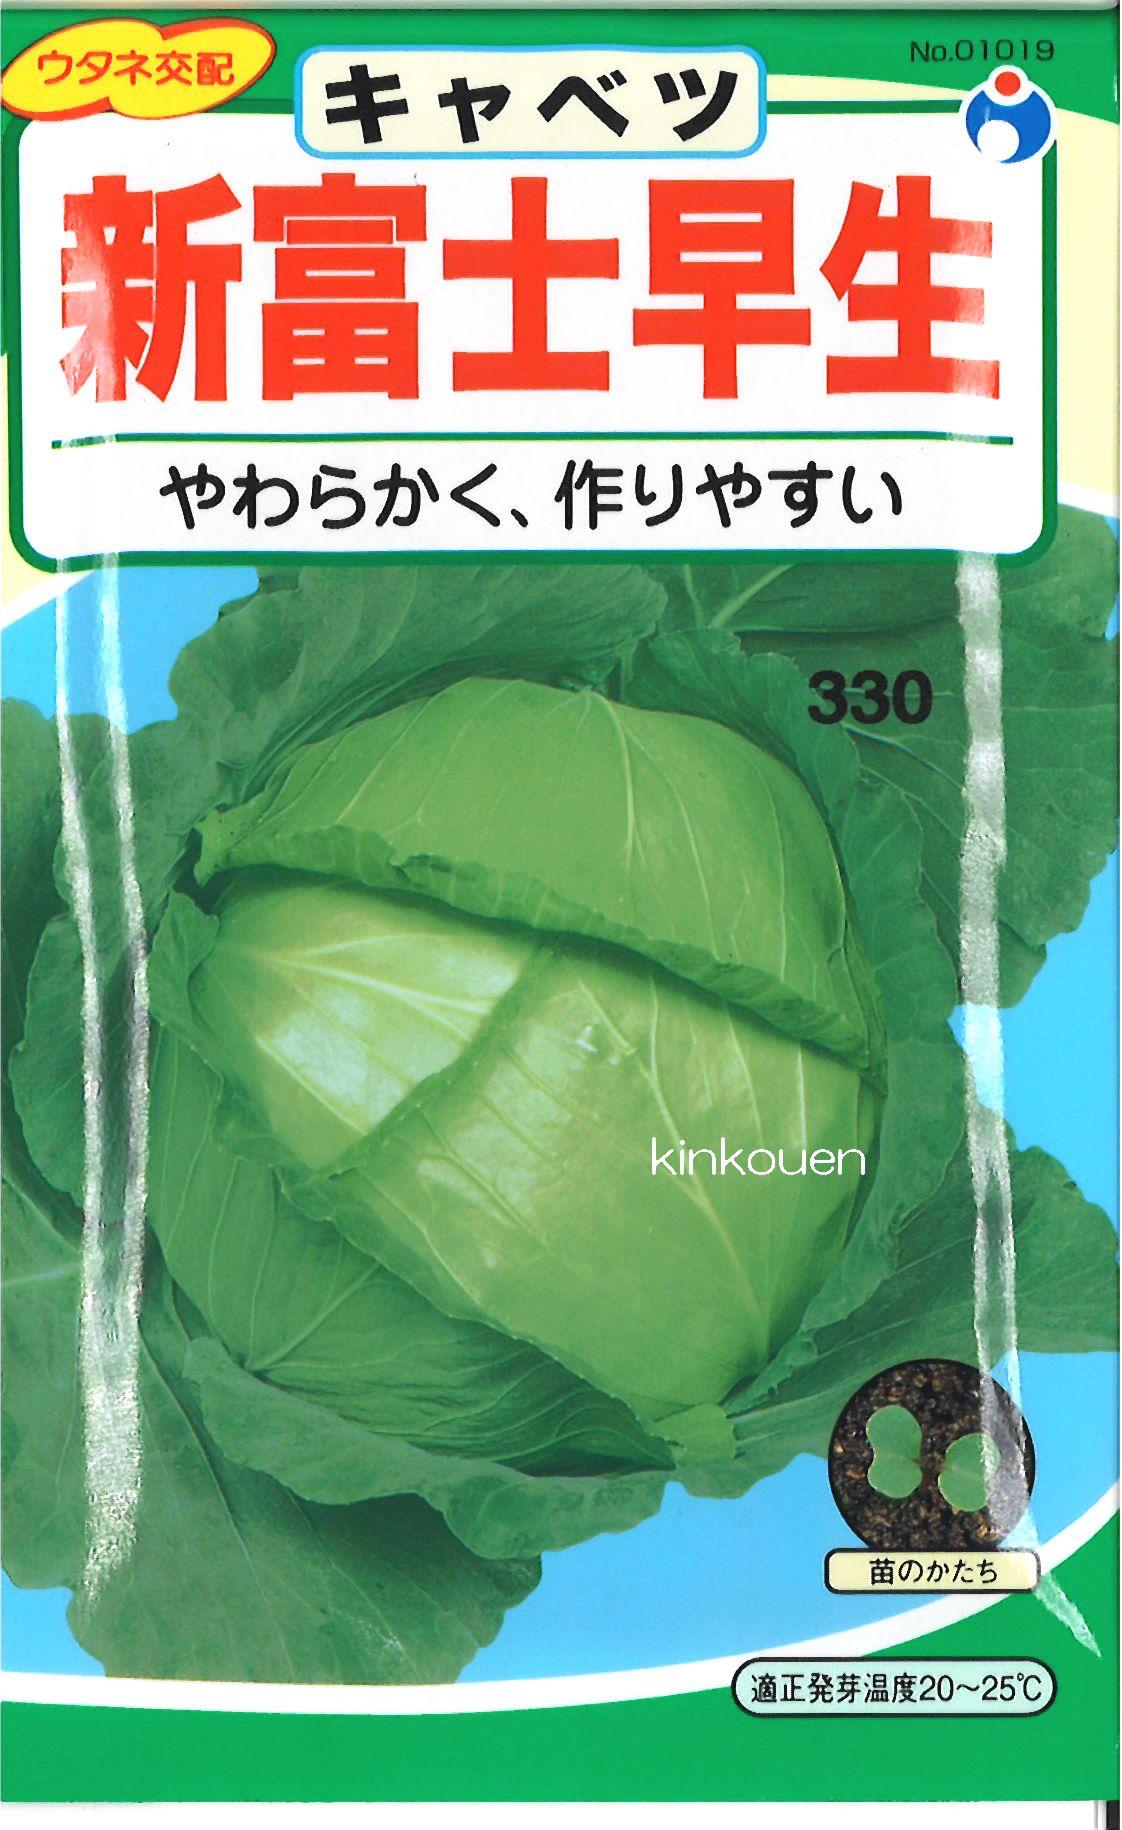 【代引不可】【5袋まで送料80円】□新富士早生キャベツ